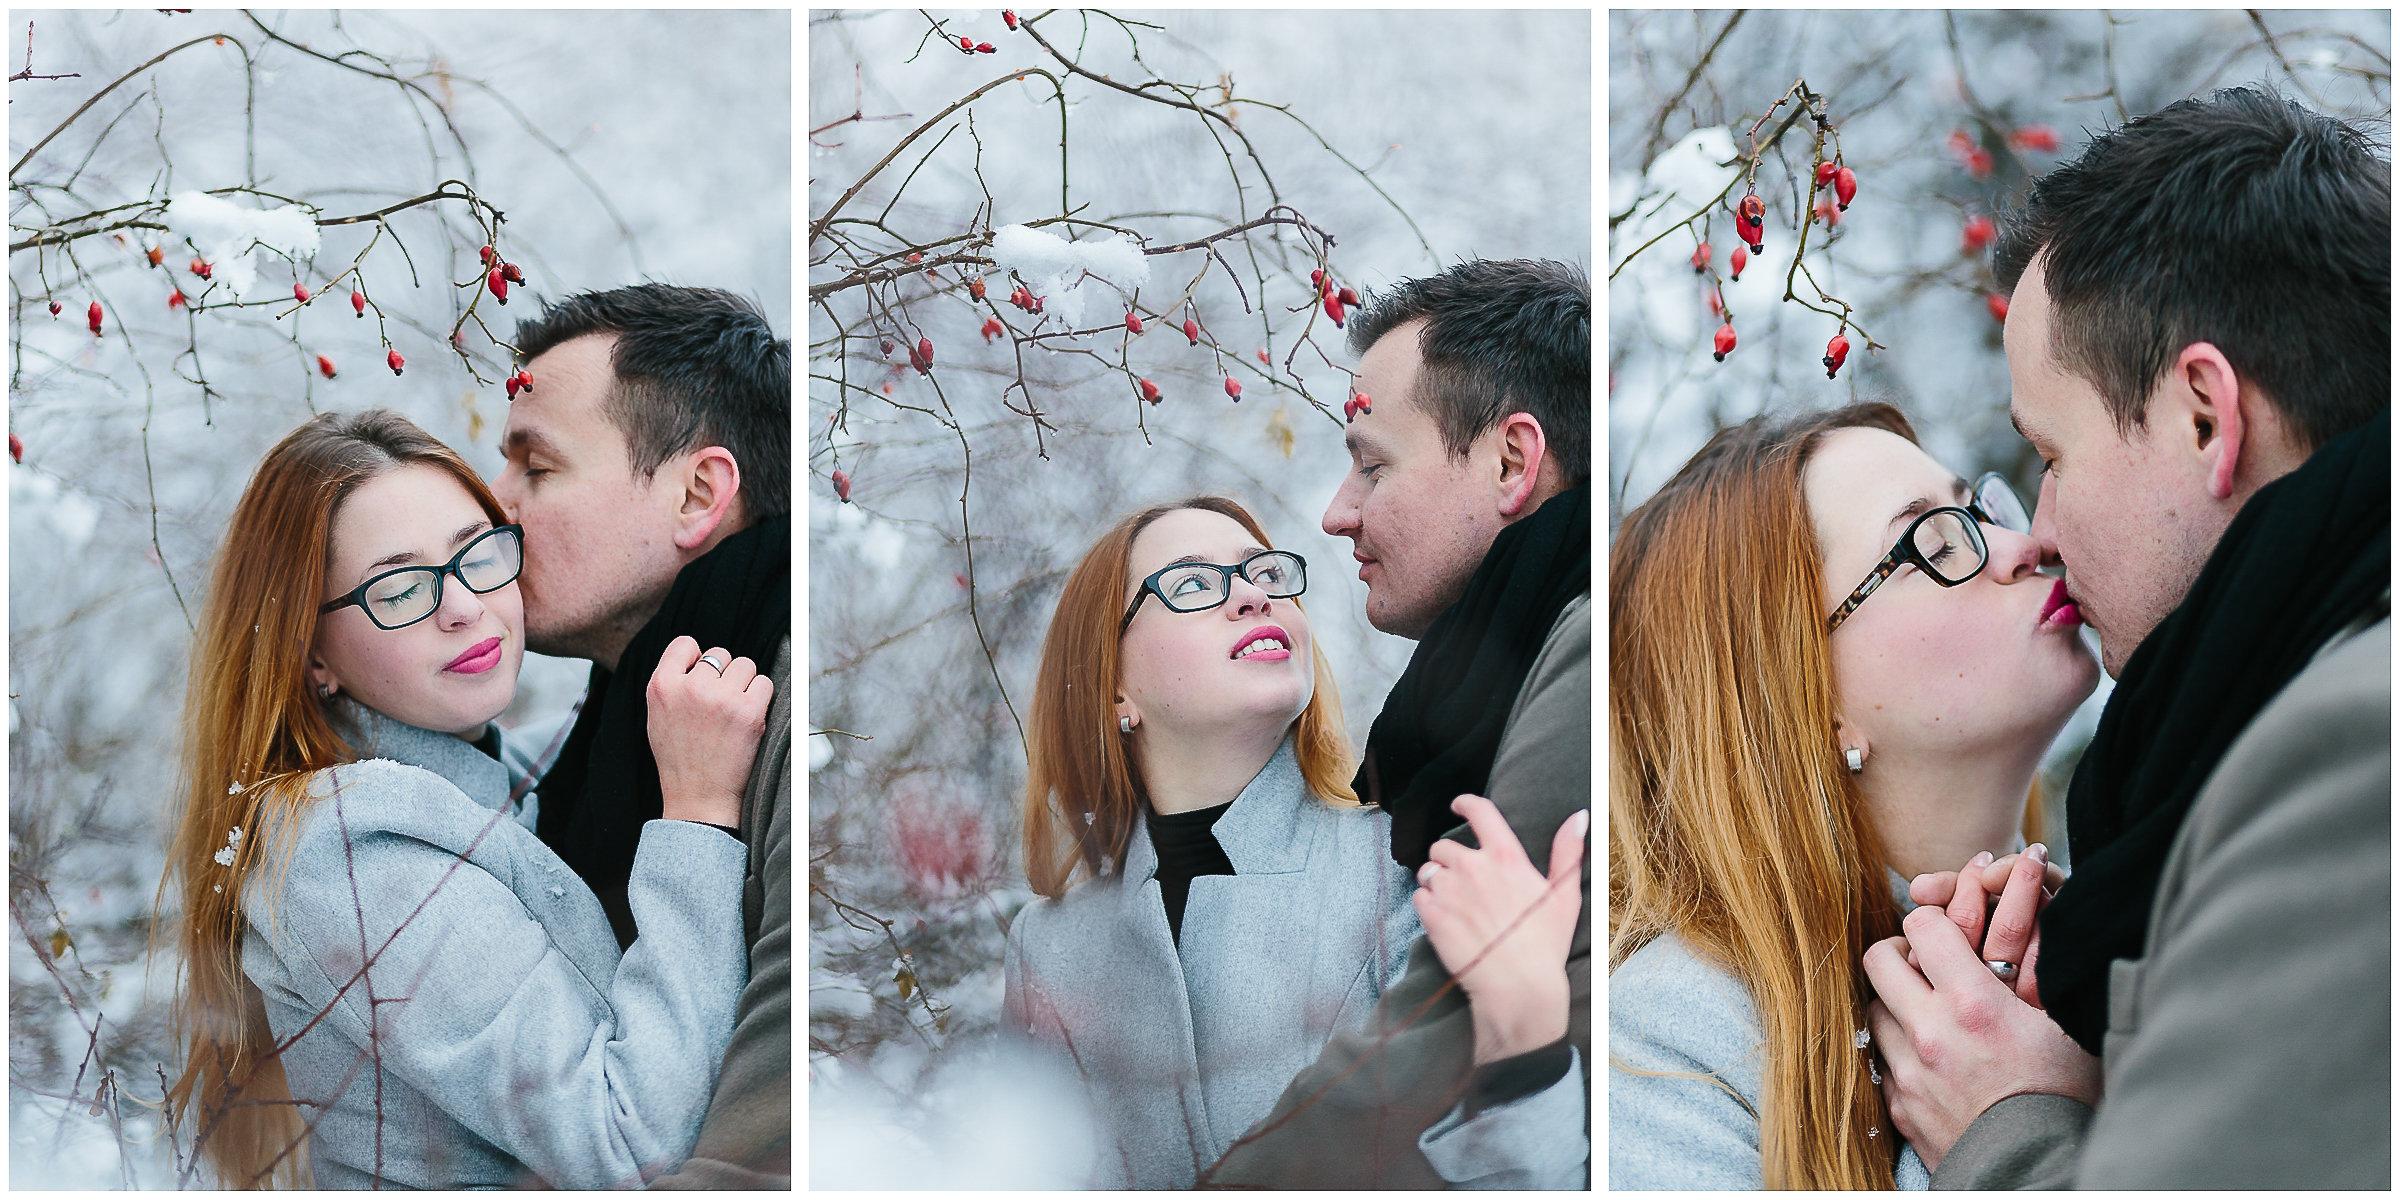 Photographe mariage La Baule-3.jpg